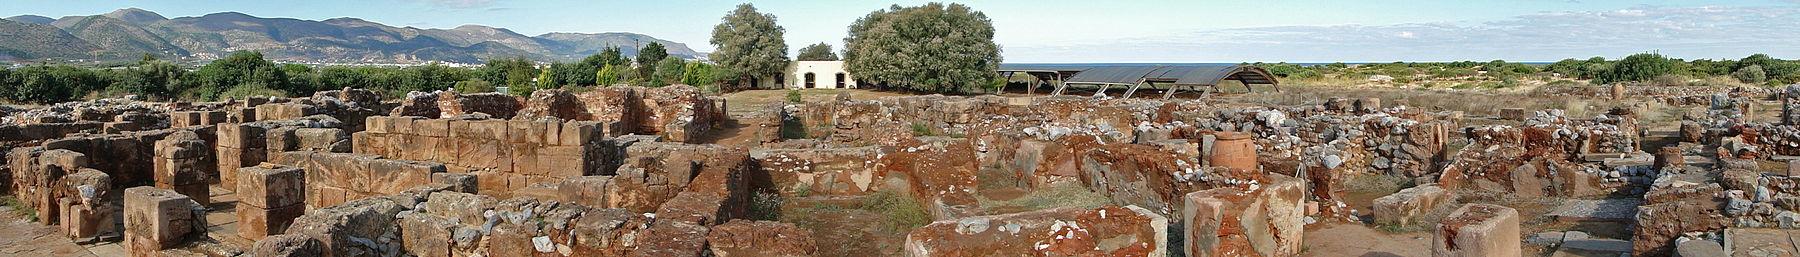 Malia - Wikivoyage, guida turistica di viaggio